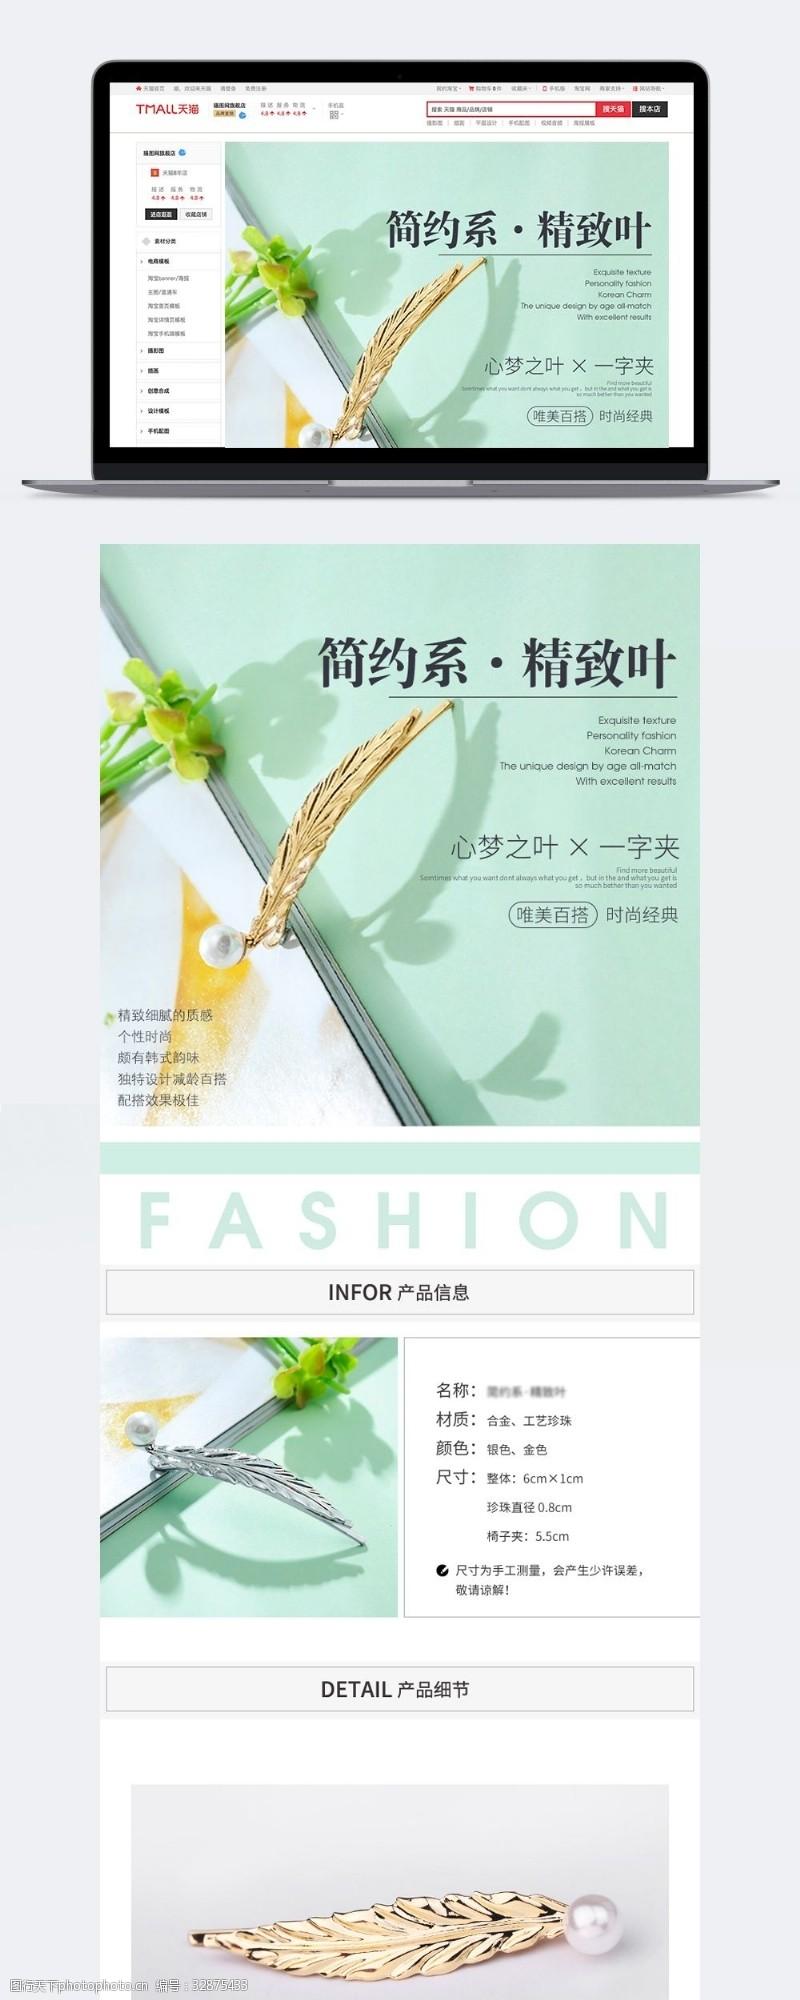 时尚经典精致头饰一字夹淘宝详情页